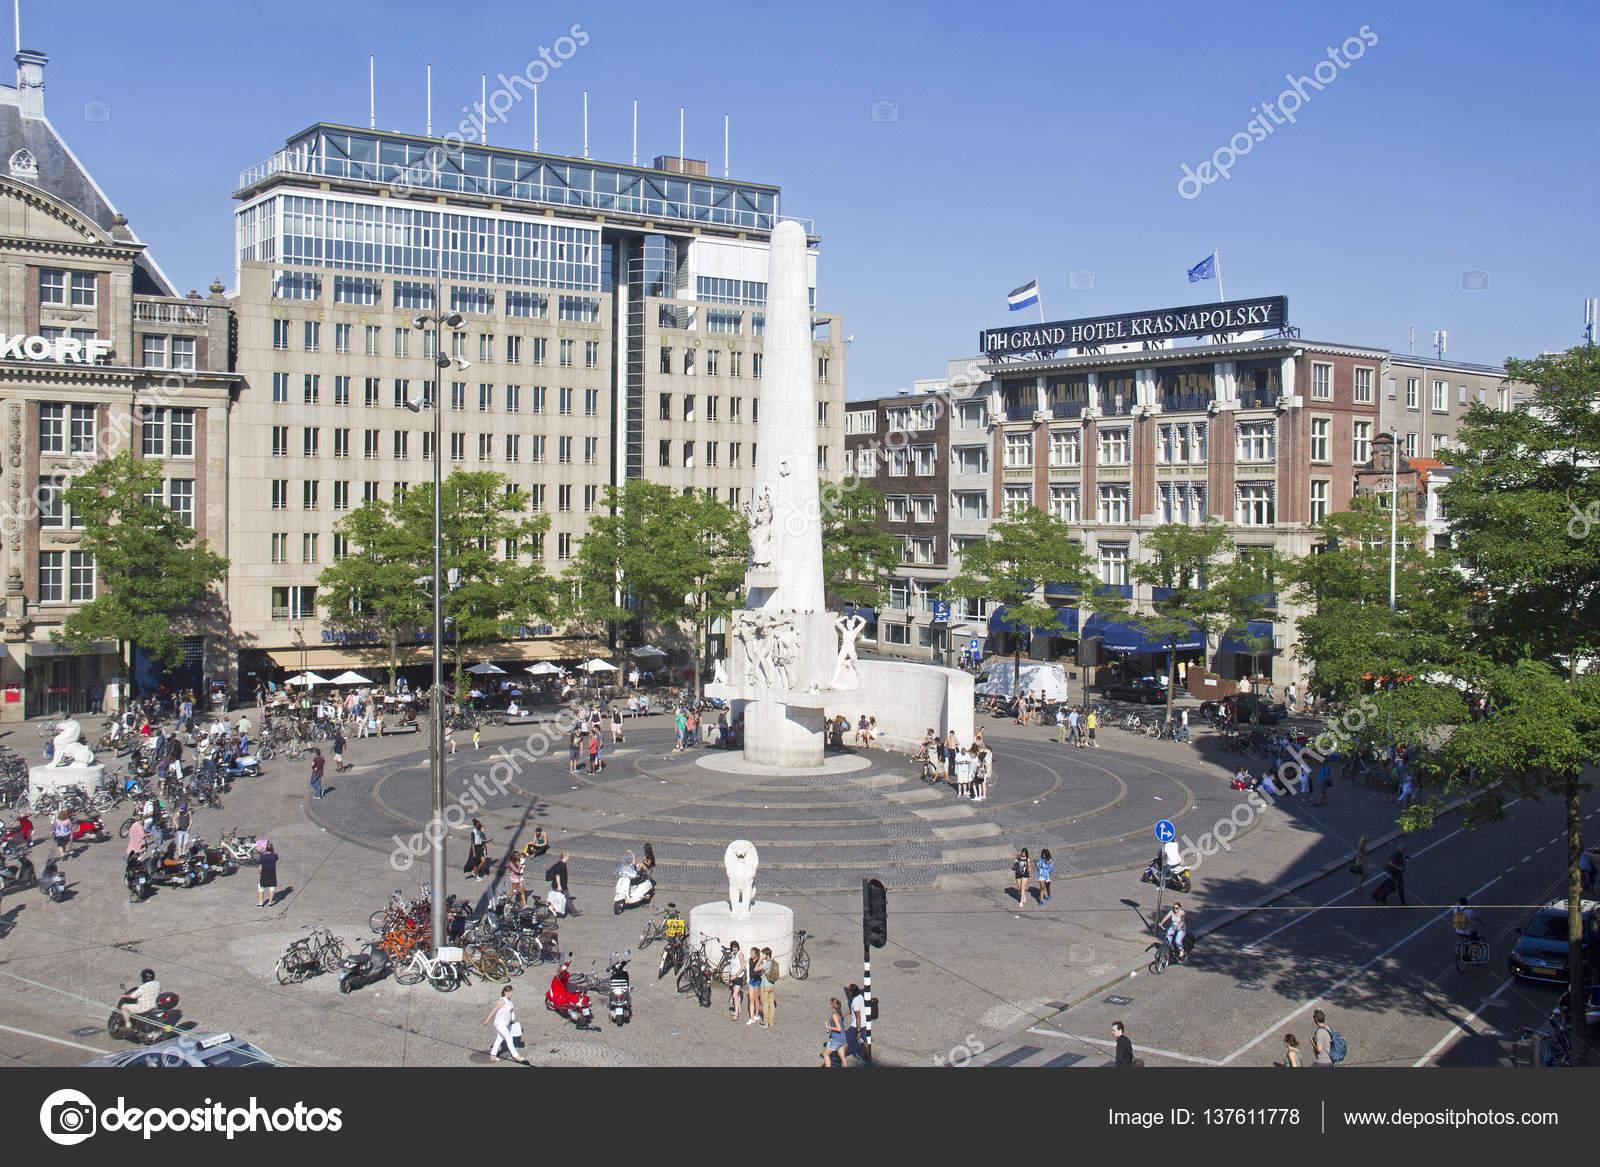 Pra a dam e monumento em amsterdam holanda fotografia for Ostello amsterdam piazza dam